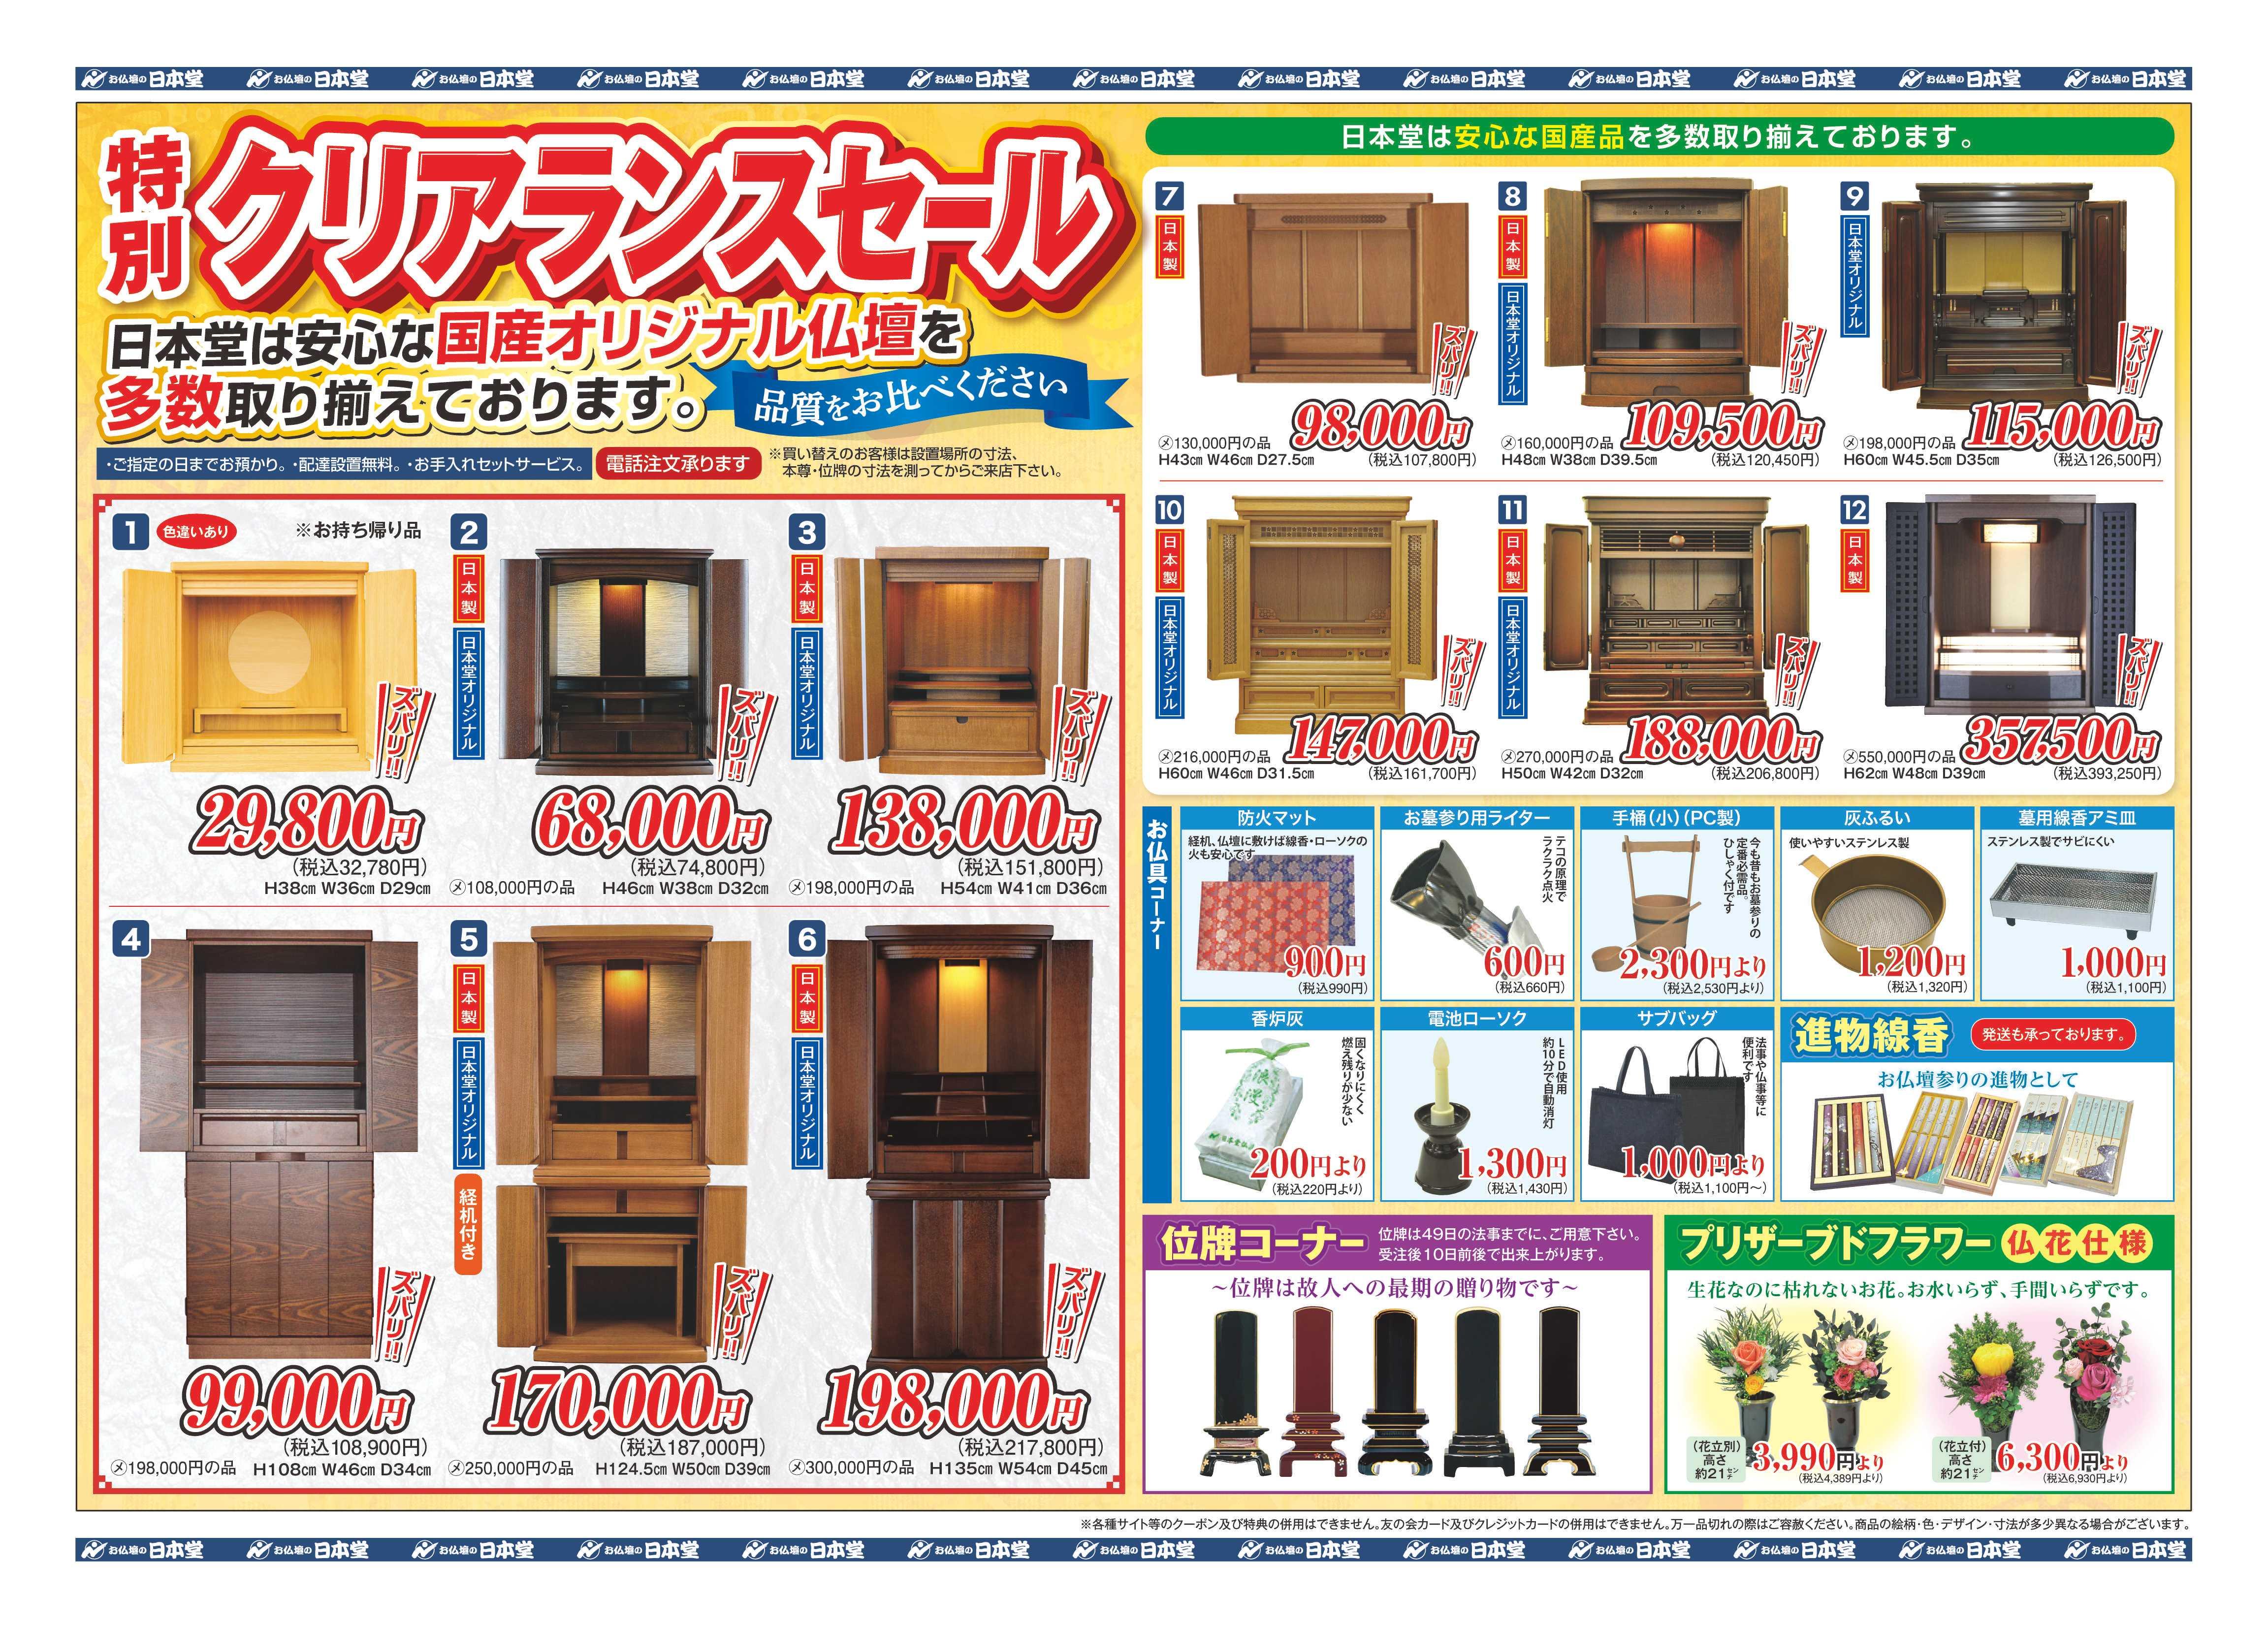 日本堂平塚店特別クリアランスセール